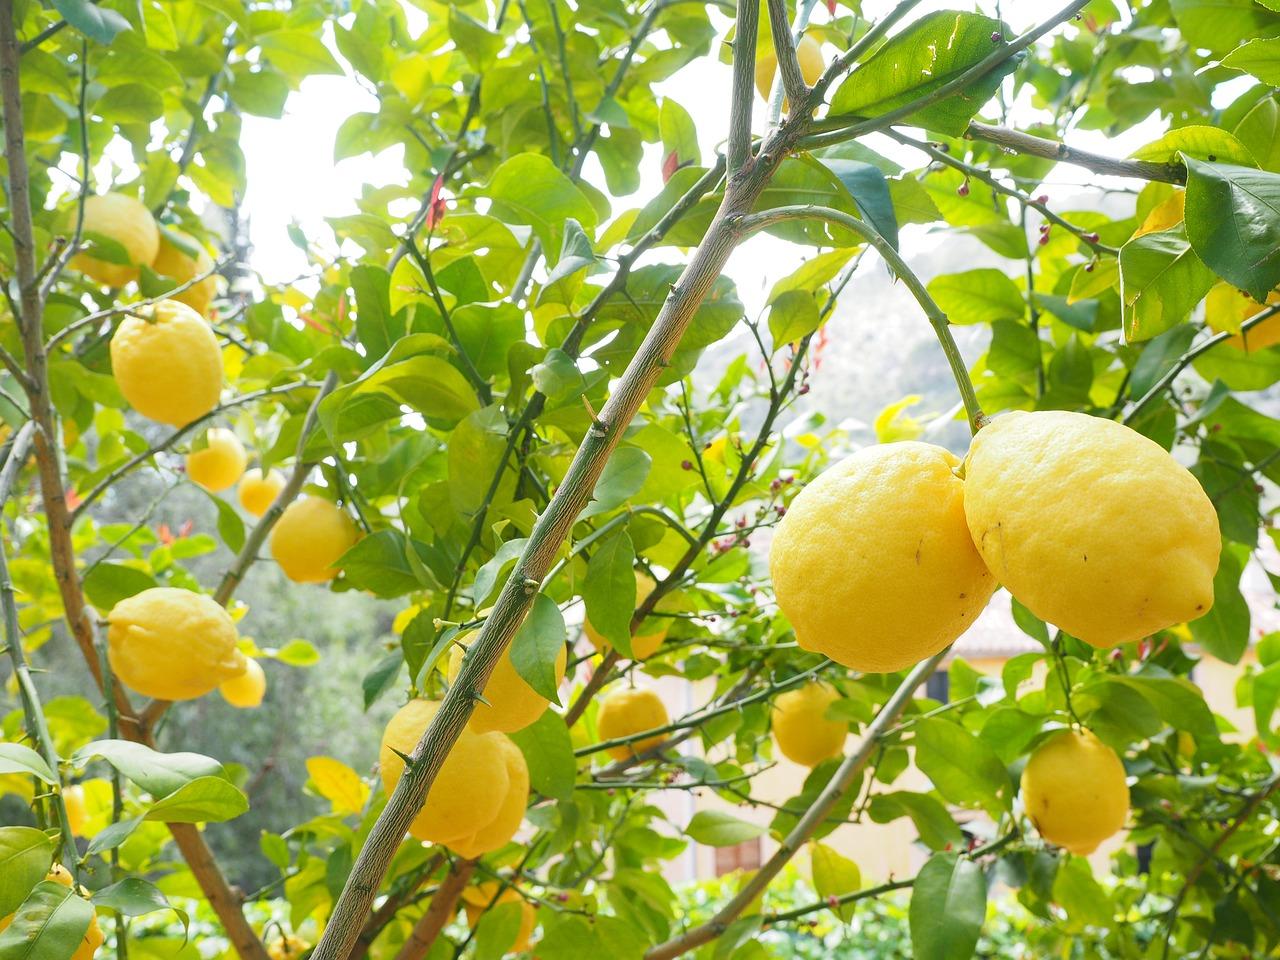 Citron Limone Citronnier Citrus - Photo gratuite sur Pixabay